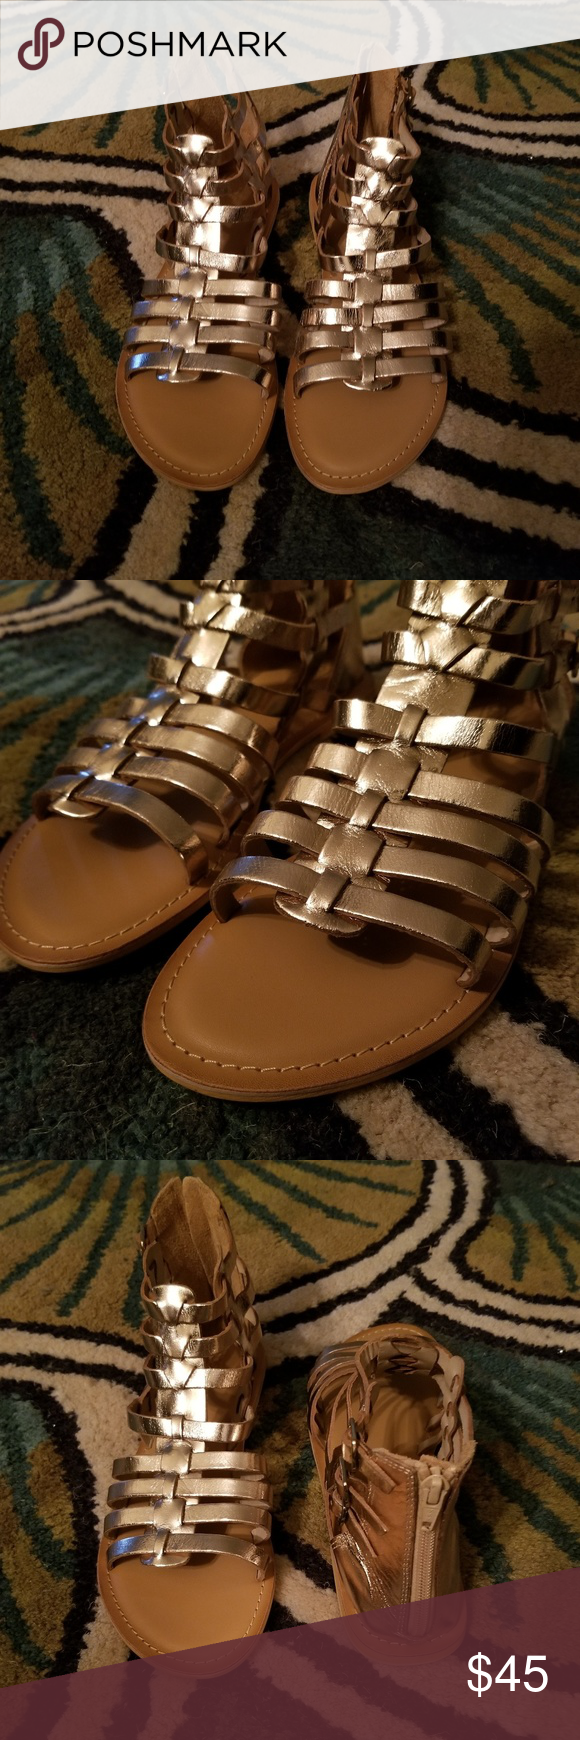 1ddc717c11 💥Hot Stuff💥NWOT ASOS FOZ Leather Gladiators These cute ASOS FOZ Leather  Gladiator Flat